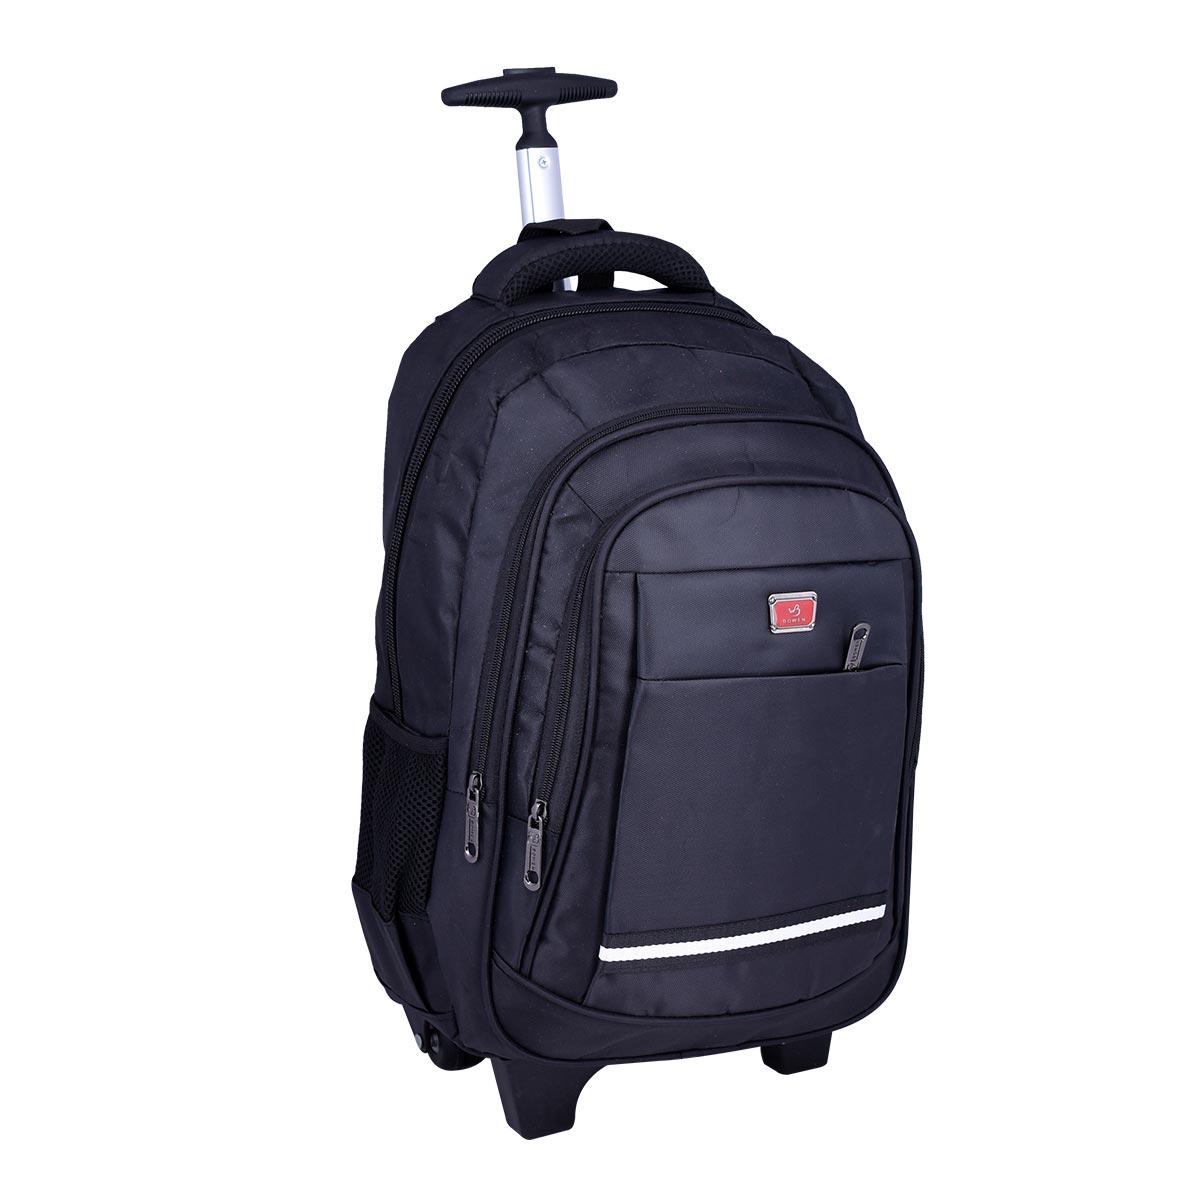 حقيبة ظهر مدرسية , بعجلات , الوان متعددة ,  موديل YM-21509